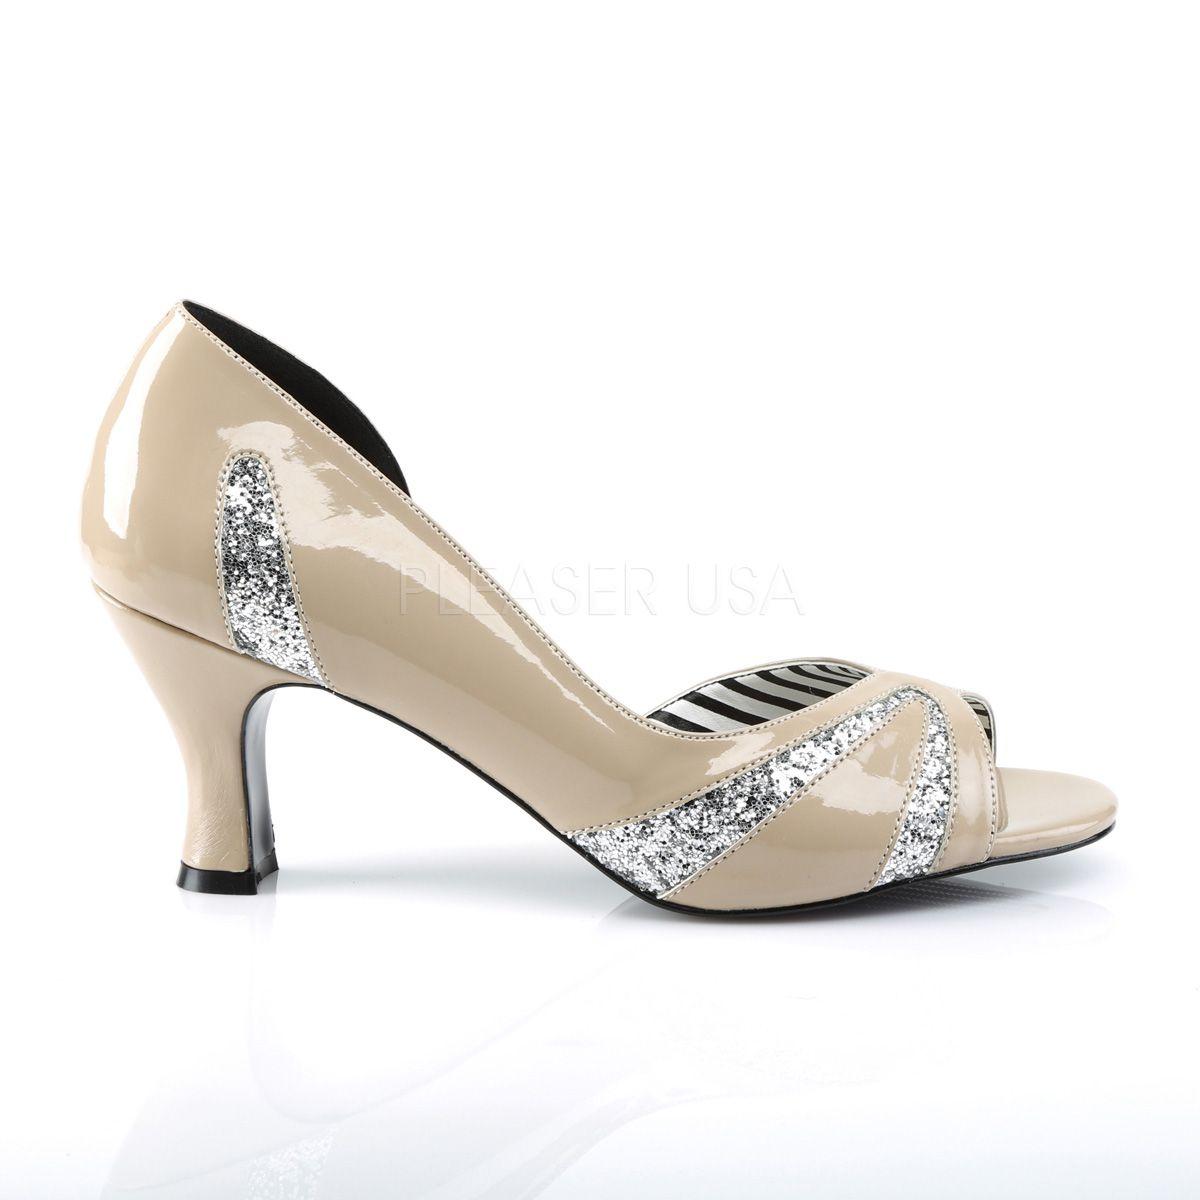 Zapatos en tallas grandes de 40 a 48 con inserciones de purpurina